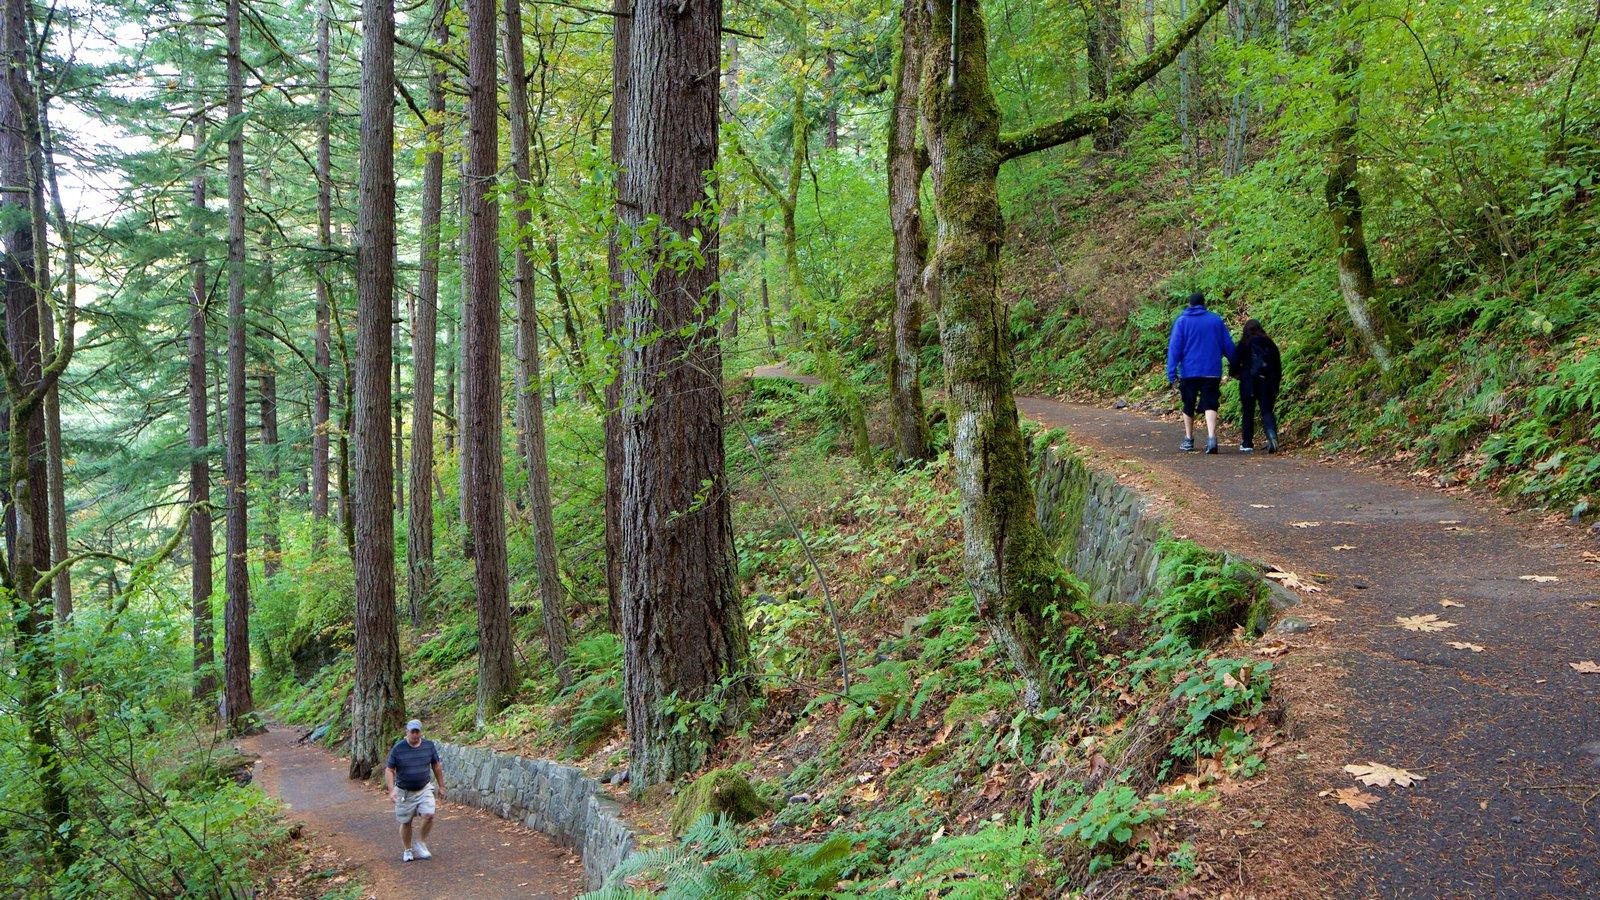 Cataratas de Wahkeena que inclui floresta tropical e escalada ou caminhada